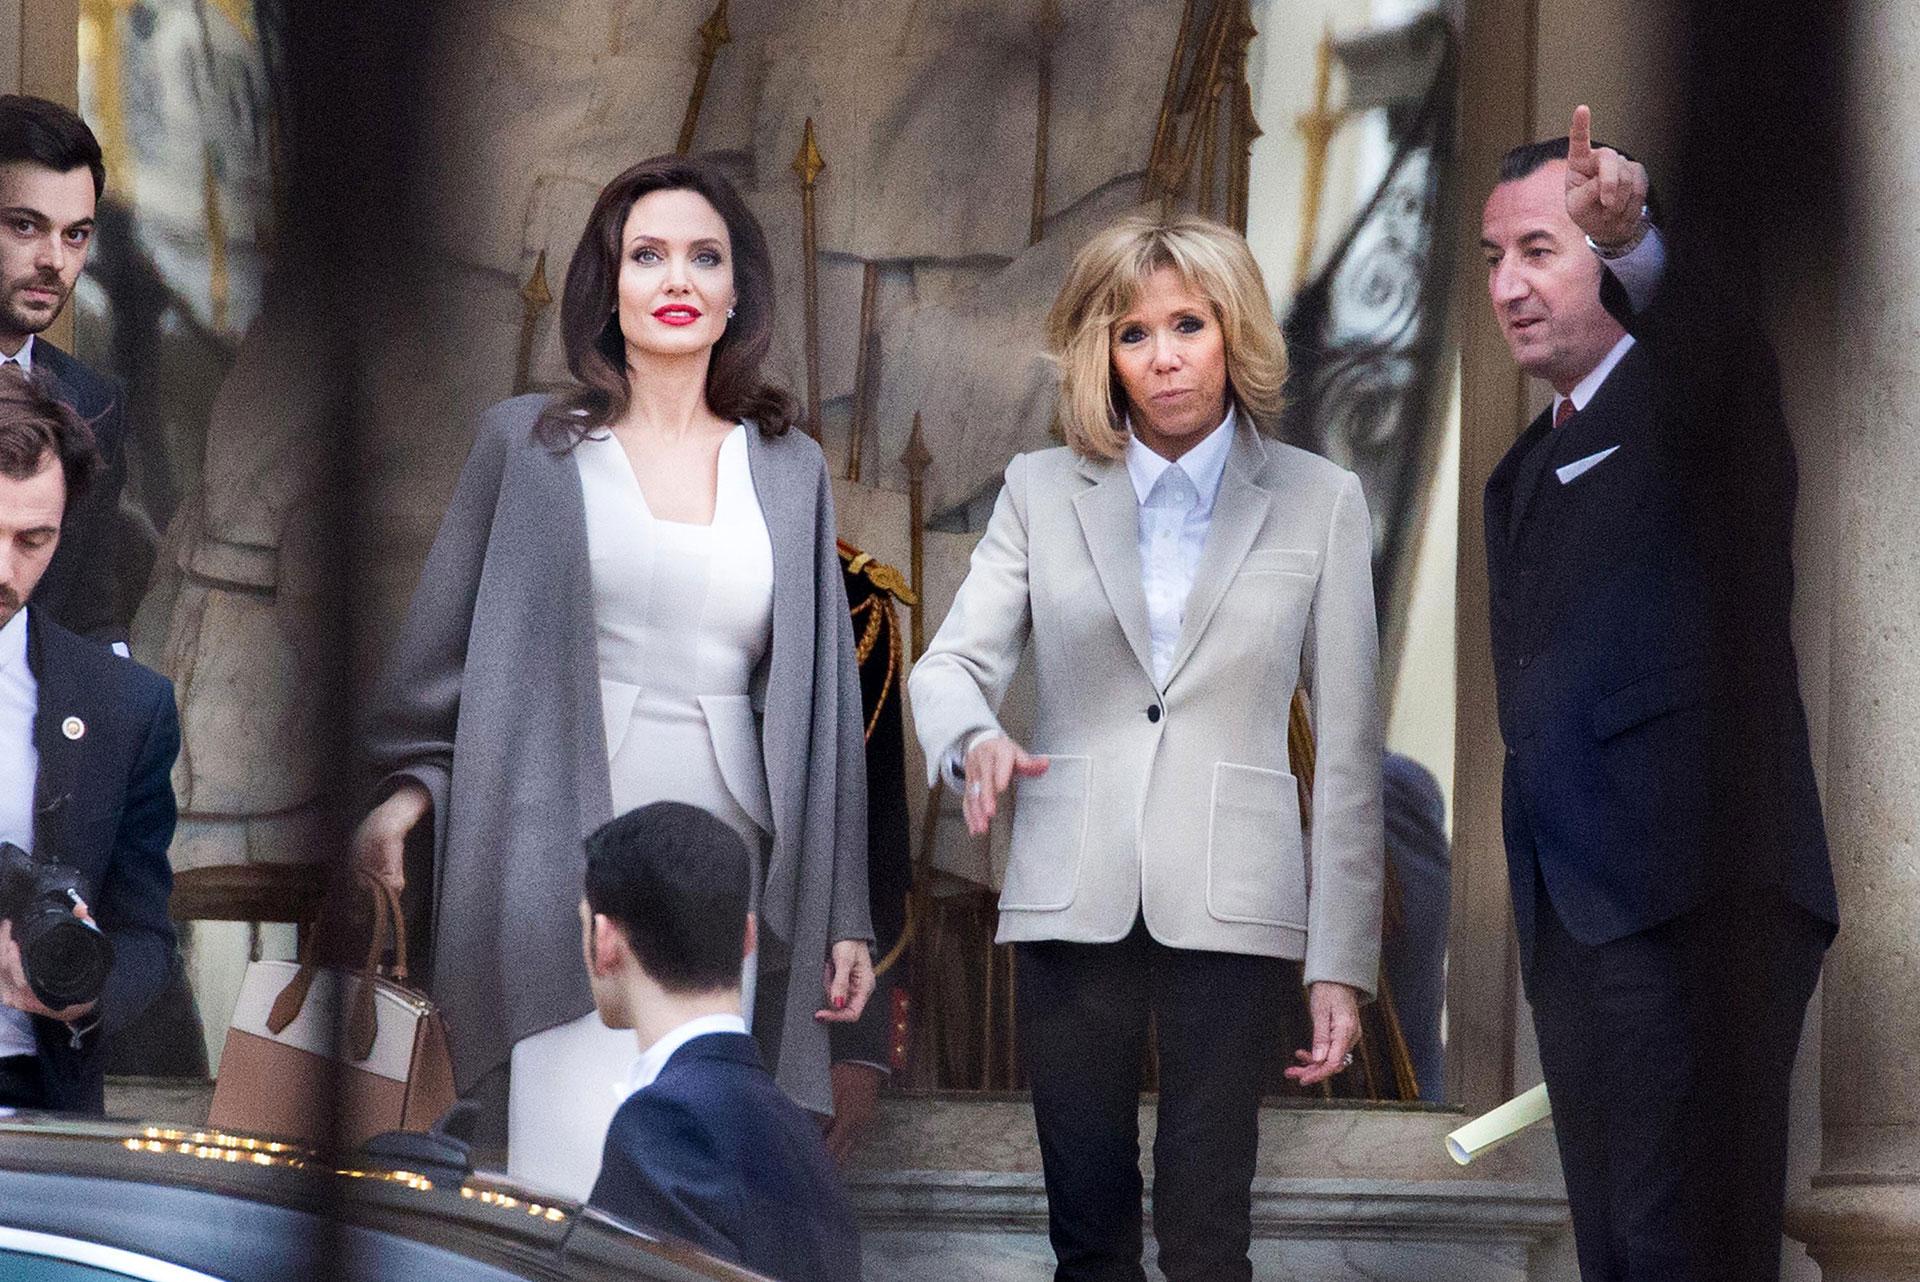 A los 64 años, la mujer del presidente Emmanuel Macron deslumbra con su estilo y glamour